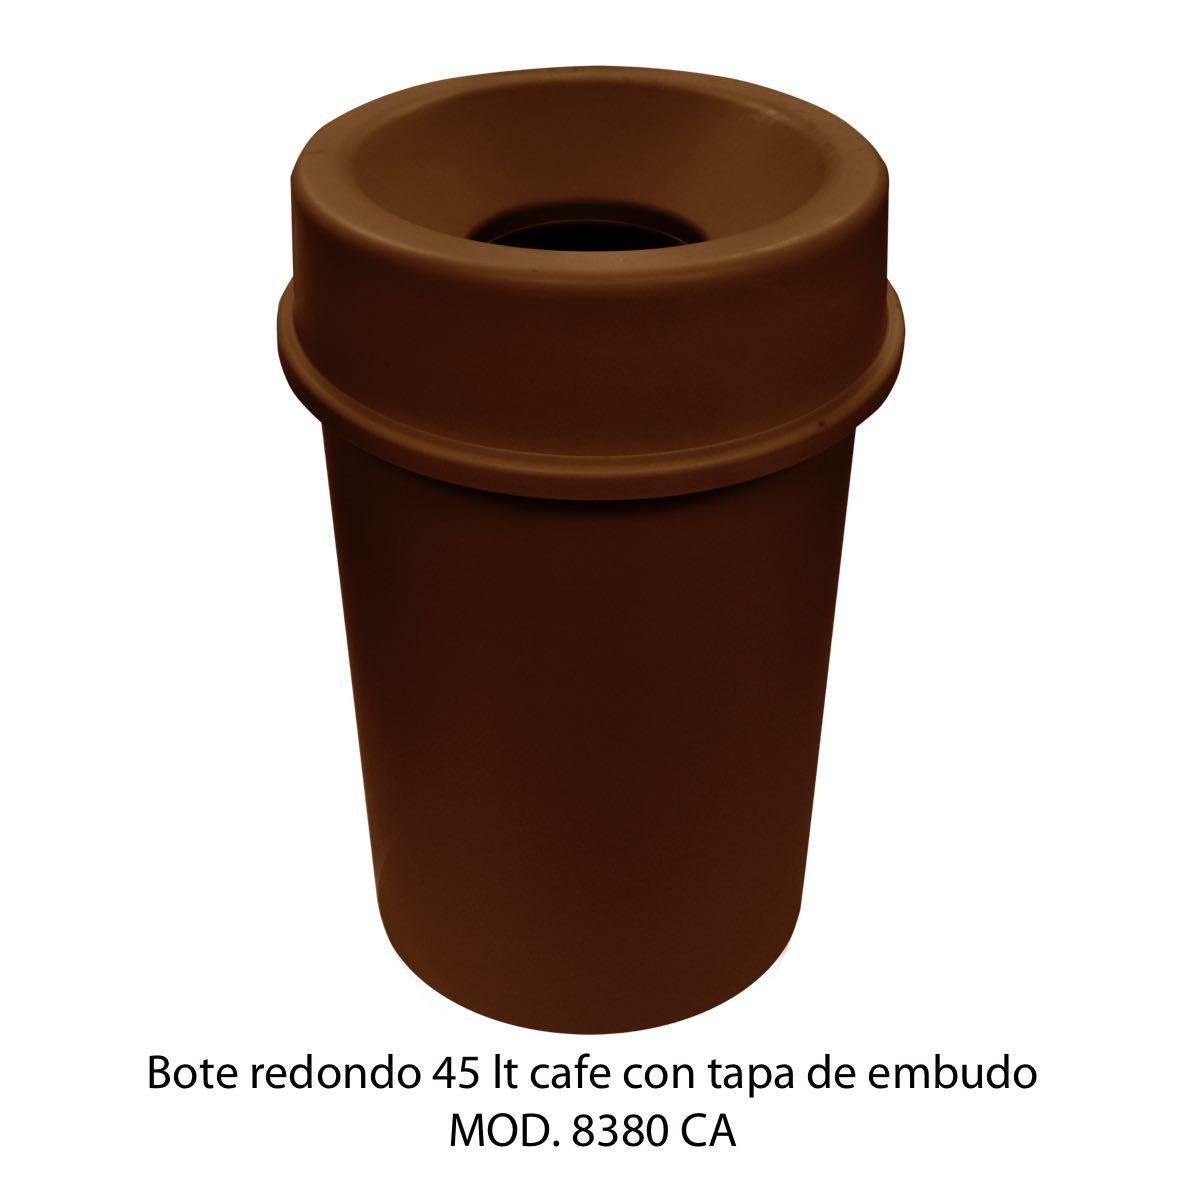 Bote de basura redondo 45 litros con tapa de embudo color cafe modelo 8380 CA Sablón